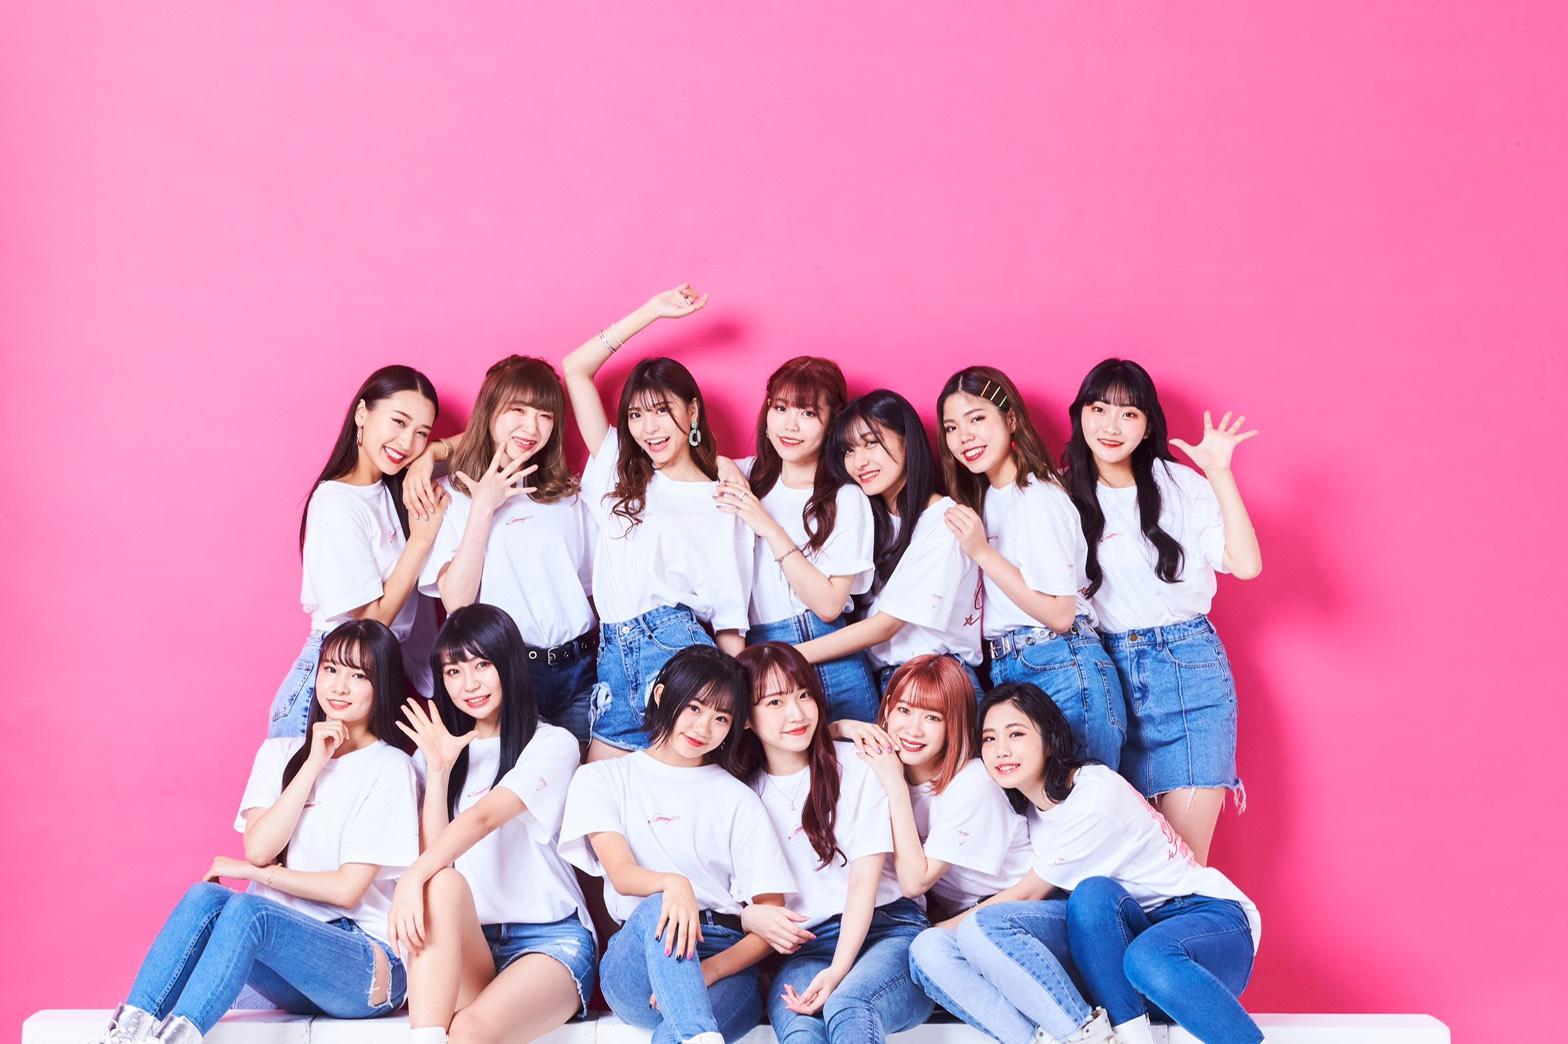 オーディション [関西]GS-projectオーディション K-POPアイドルグループメンバー第2期生募集 主催:GS-project、カテゴリ:アイドル(ロコドル)